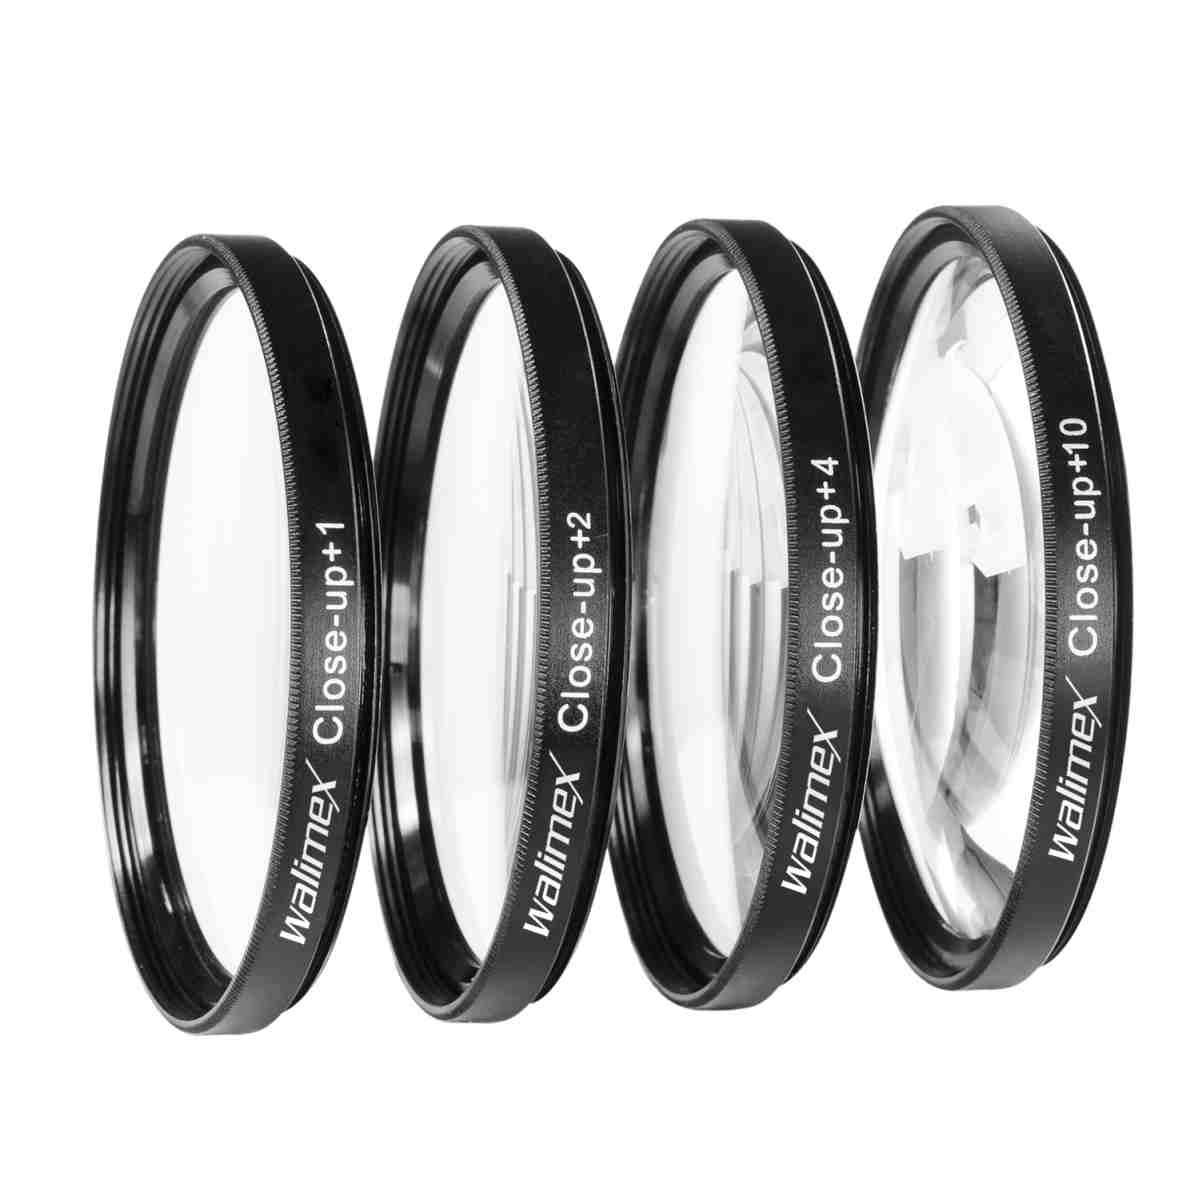 Walimex Close-up Macro Lens Set 62 mm